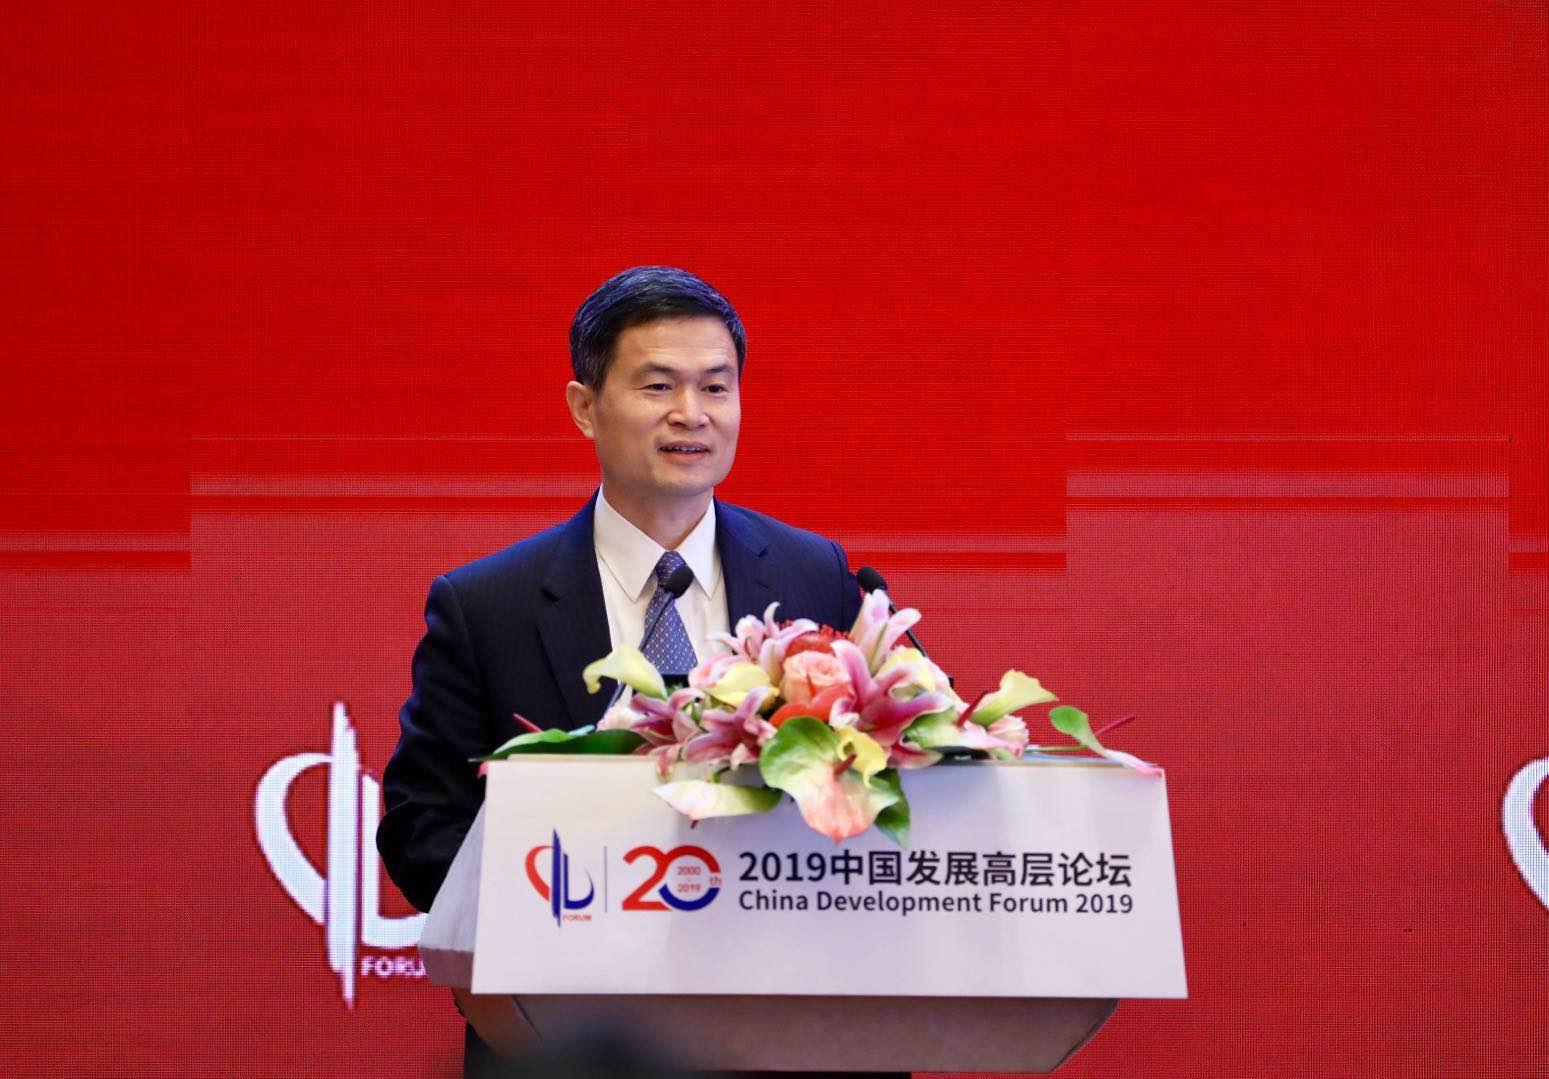 发言人:中国证券监督管理委员会副主席方星海